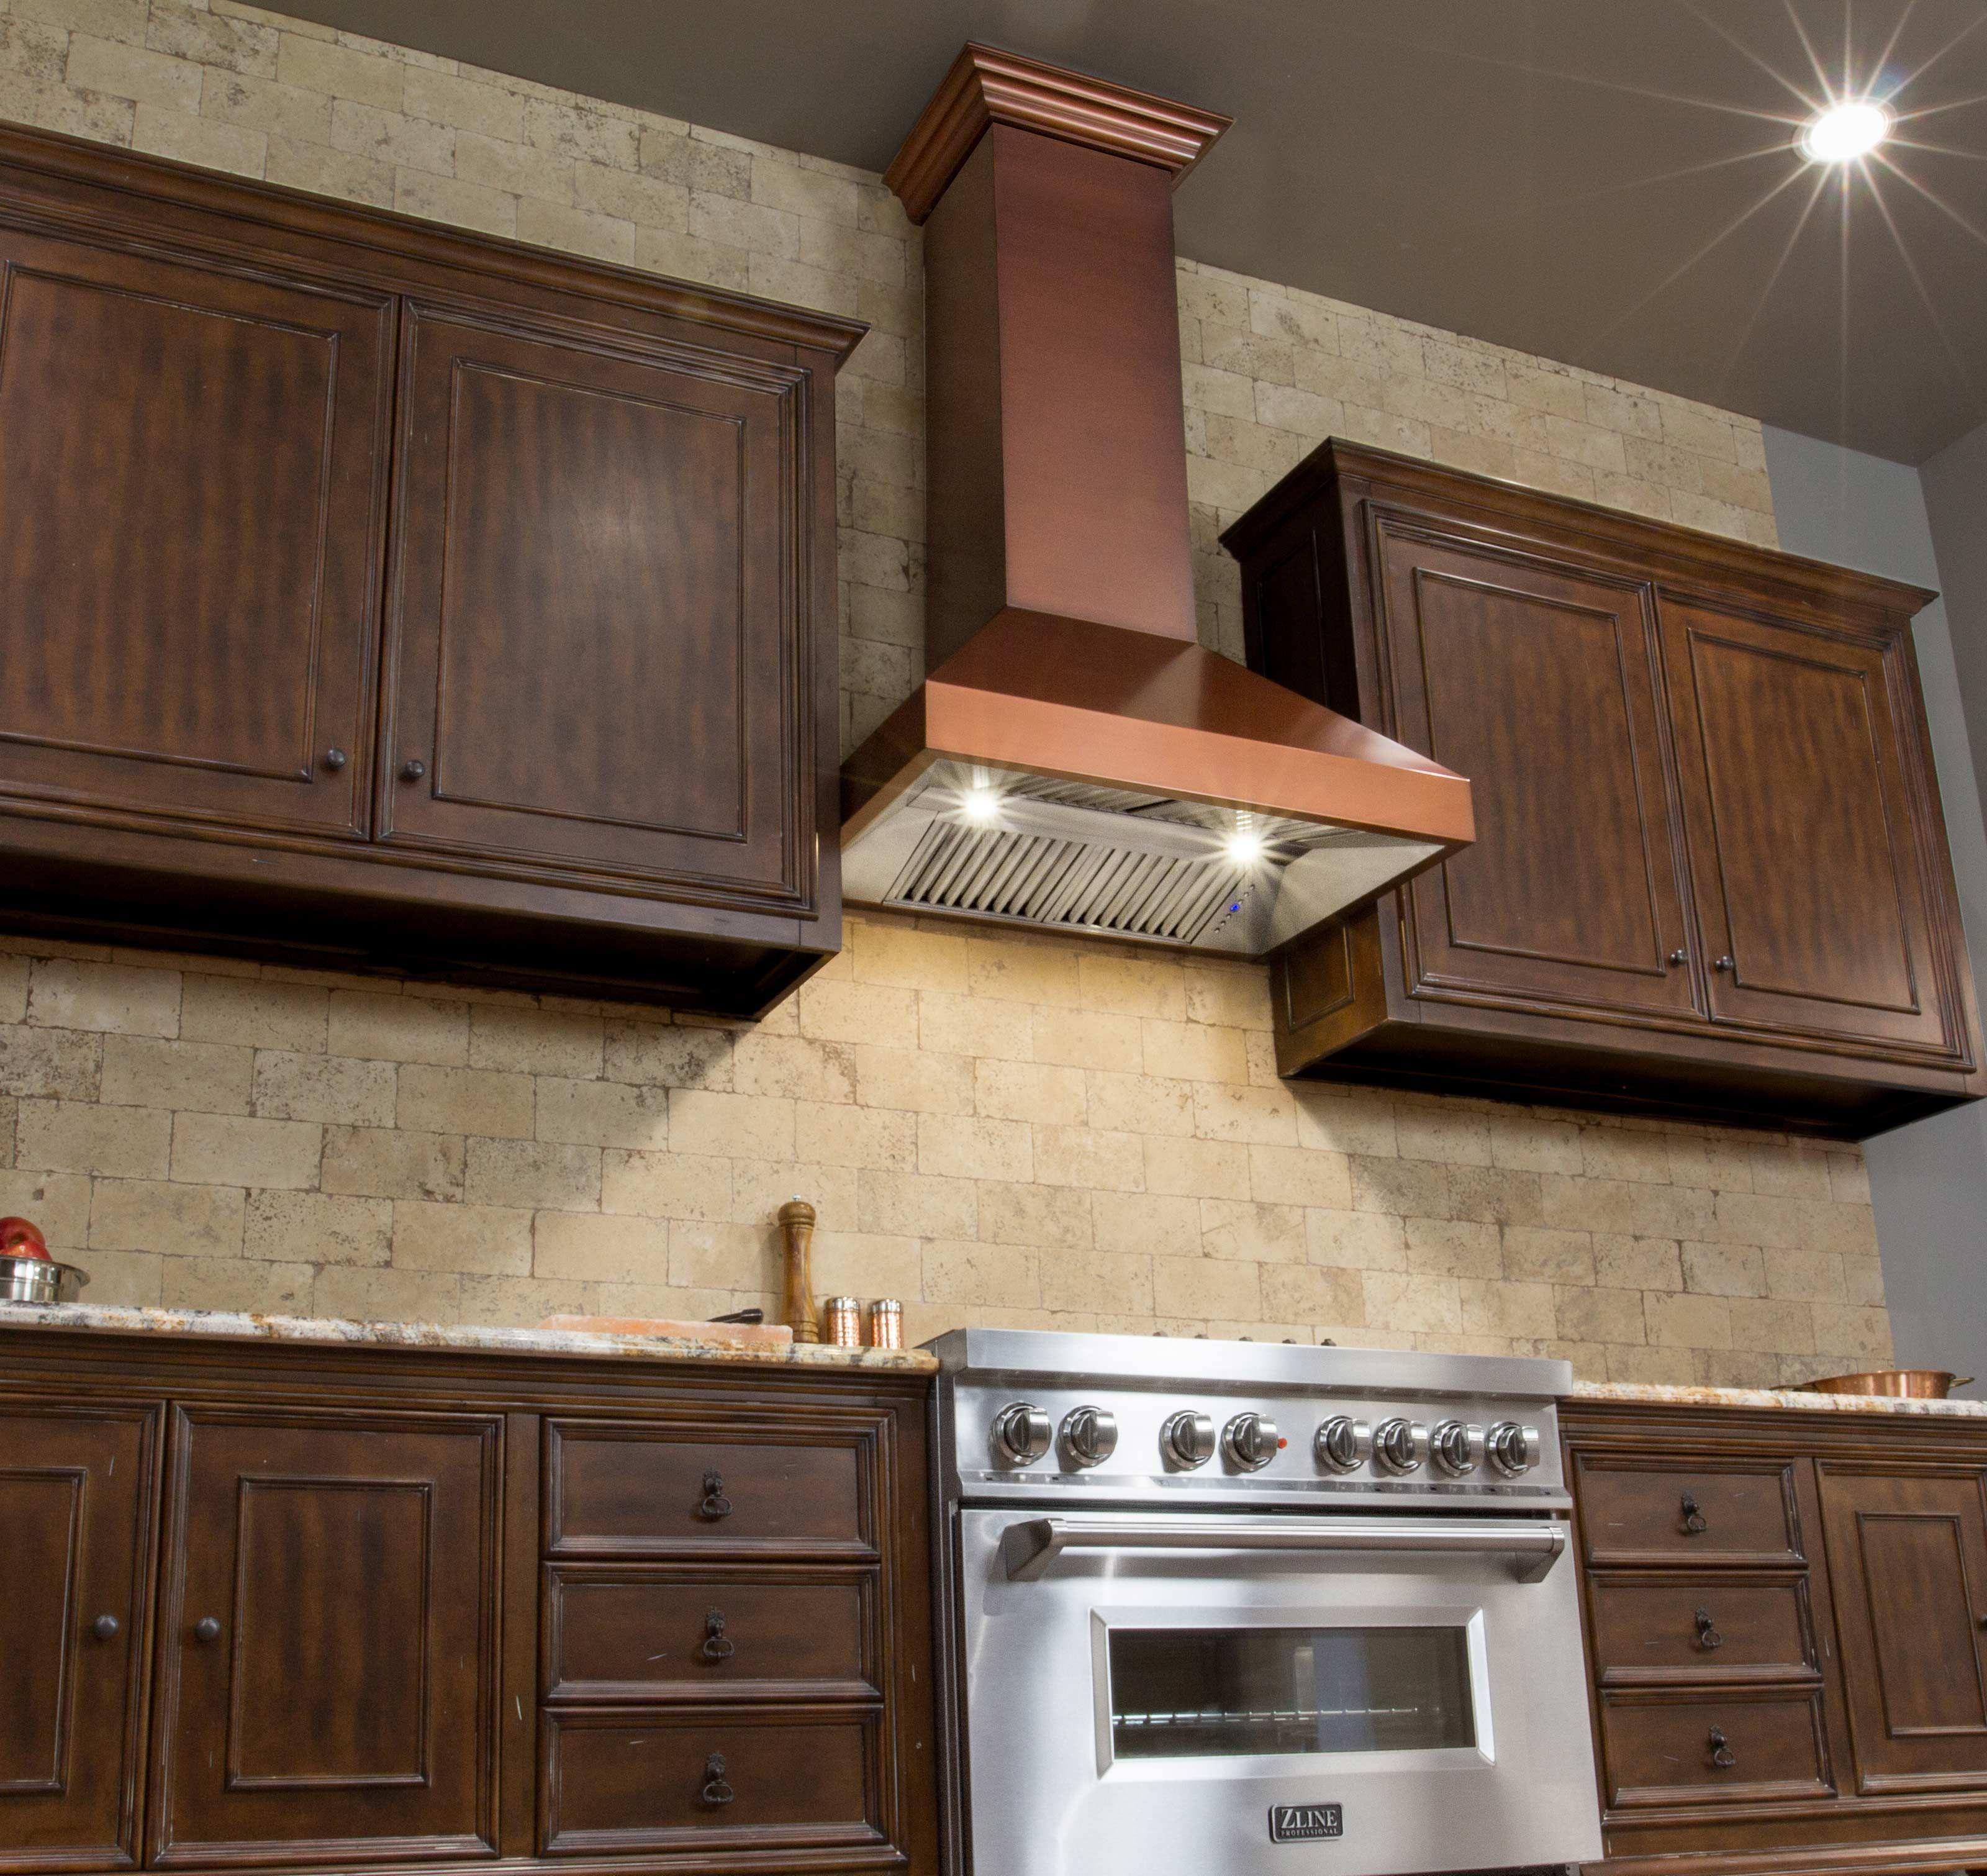 Zline 30 Designer Series Copper Finish Wall Range Hood 8697c 30 Crown Molding 27 5 Range Hood Copper Finish Copper Kitchen